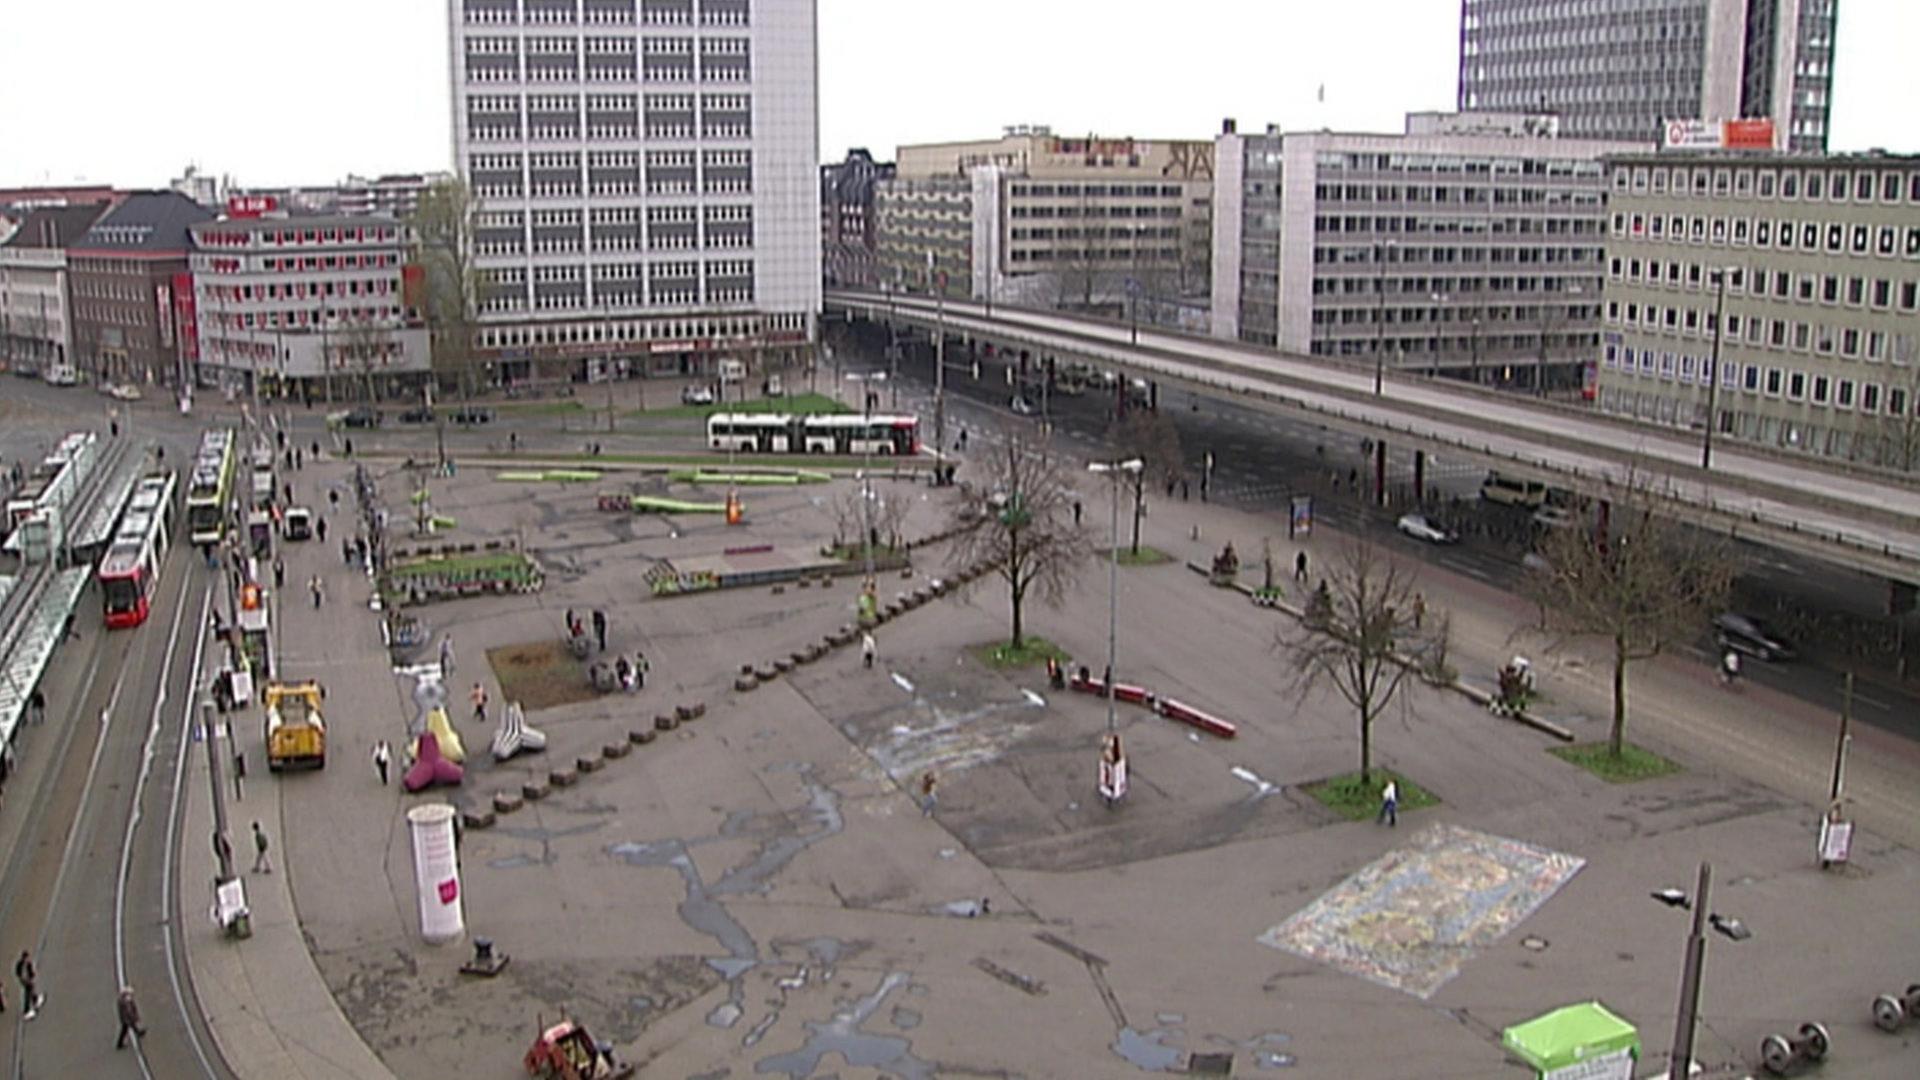 Bremen Architekt city gate architekt mit kritik kann ich gut leben buten un binnen